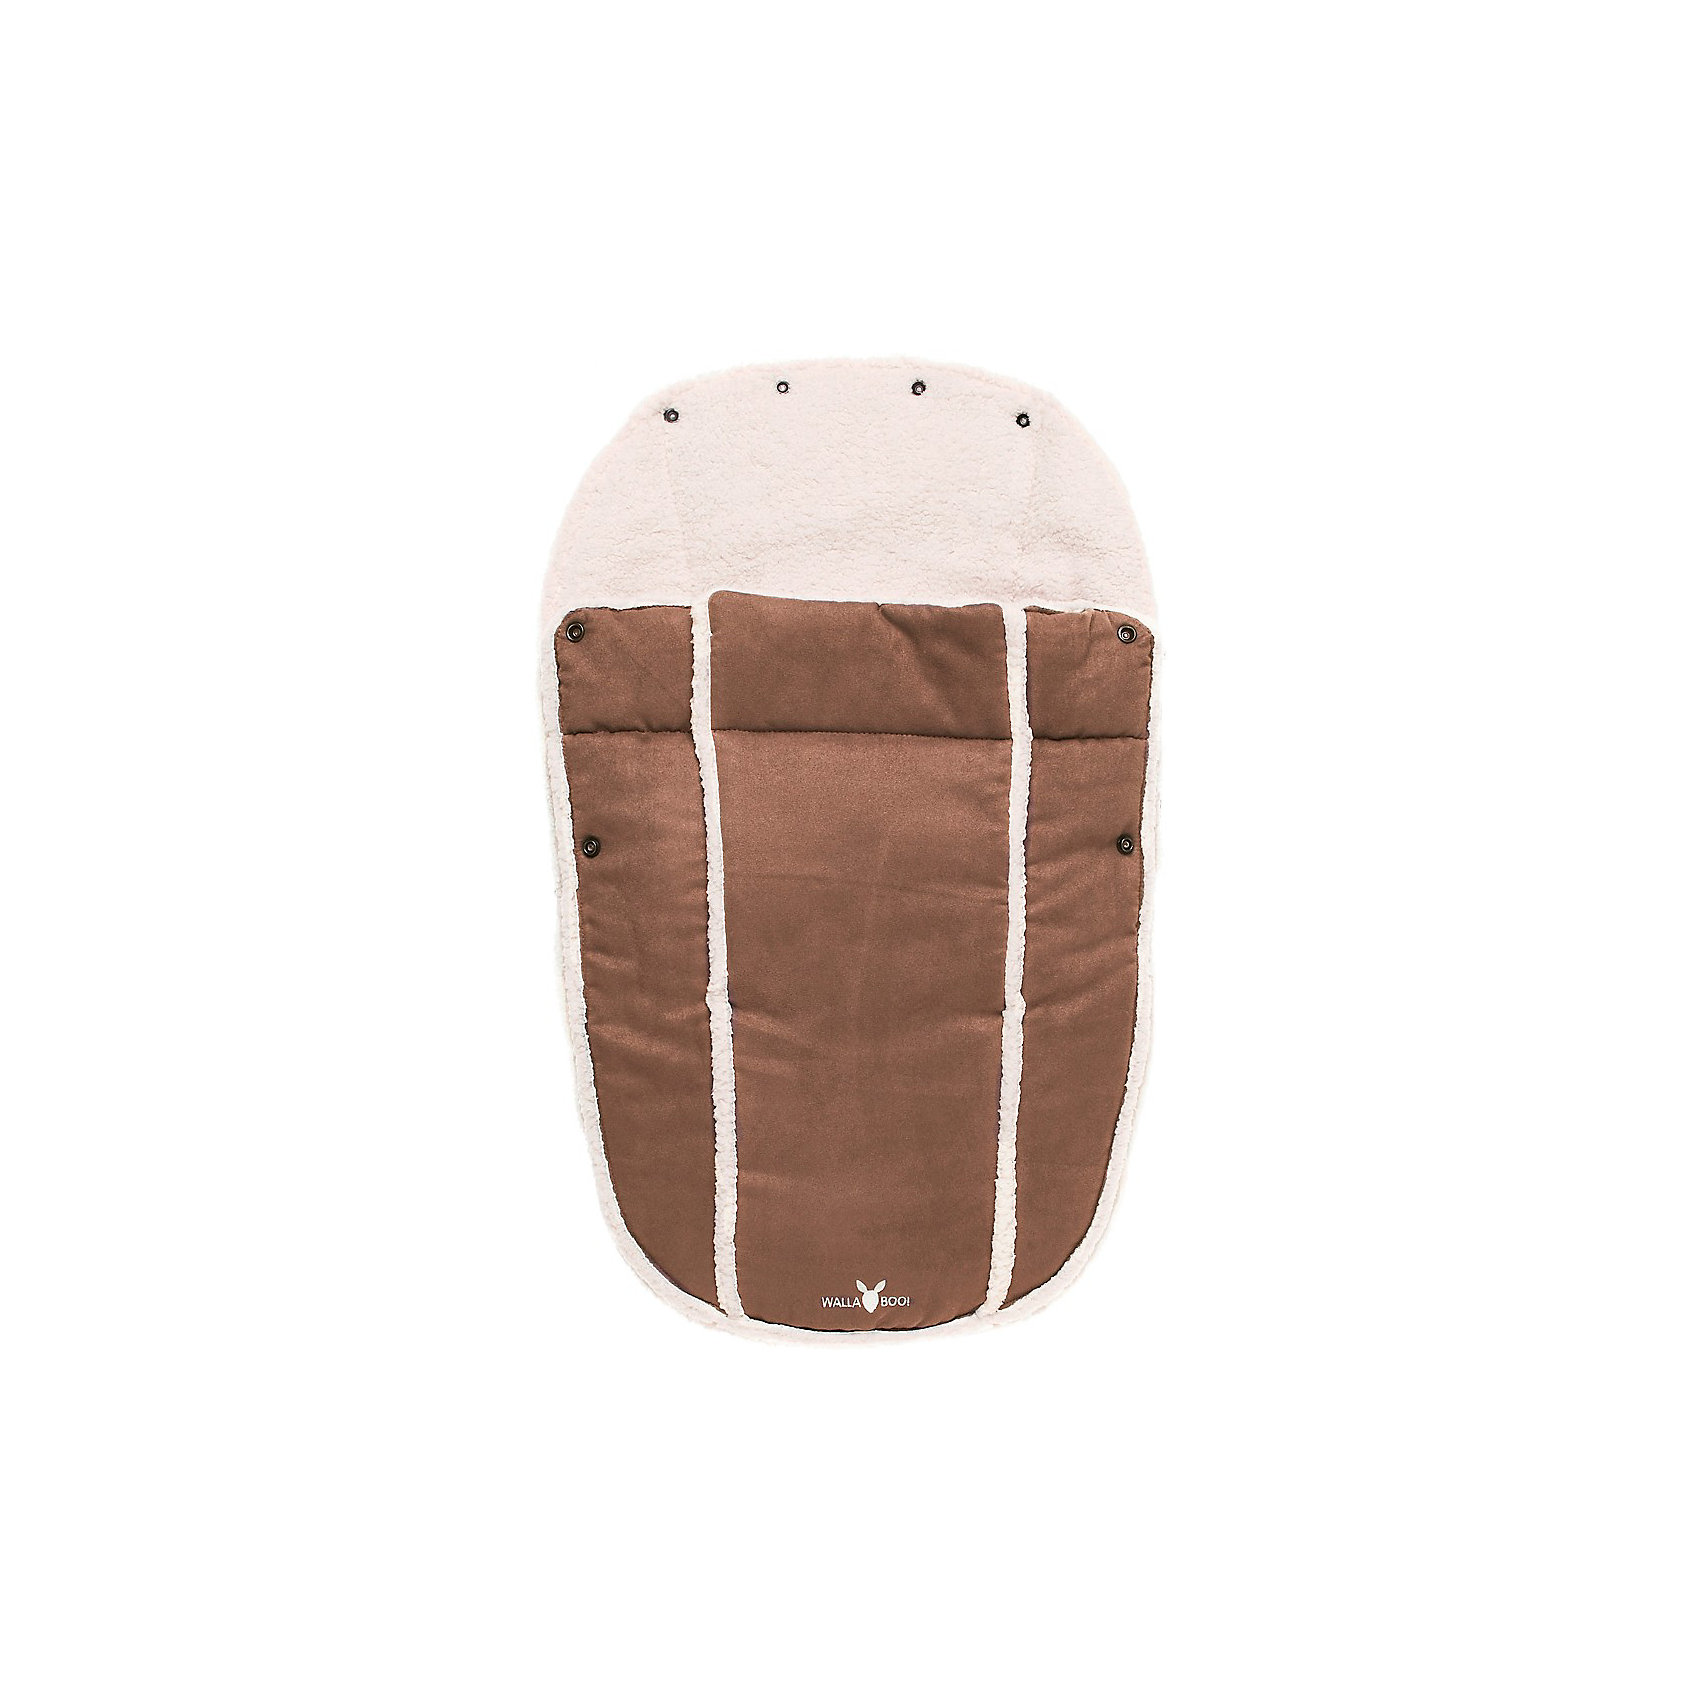 Конверт в коляску 0-12 месяцев, Wallaboo, шоколадКонверты<br>Ваш малыш не любит одеваться? Просто посадите его в уютный конверт, и Вы готовы к путешествию!<br><br>Конверт в коляску 0-12 мес., Wallaboo отличает великолепное качество: верх - микроволокнистая замша (гипоаллергенна, легка в уходе), а  внутри - мягчайший плюш под овечью шкурку. Конверт специально создан для удобства родителей и комфорта малыша: нет необходимости дополнительно надевать на ребенка курточку или теплый комбинезон в прохладную погоду или во время перевозки малыша в автомобиле.<br>Конверт многофункциональный:    <br>- легко пристегивается к автокреслу группы 0 и 0+<br>- можно использовать как конверт на выписку из роддома<br>- если отстегнуть верхнюю часть, муфта превращается в мягкий чехол-подкладку <br><br>Удобно Вам и комфортно малышу:<br><br>- верхняя часть конверта при помощи специальных кнопок образует капюшон и защищает малыша от ветра и непогоды<br>- две боковые застежки-молнии по всей длине конверта, позволяют полностью и очень быстро отстегнуть верхнюю часть муфты от внутренней<br><br>Дополнительная информация:<br><br>- Наполнитель – синтепон 120 грамм.<br>- Подходит для кресел с 3-х и 5-титочечными ремнями безопасности<br>- Машинная стирка при температуре 30 градусов. Быстро сохнет.<br>- Размер: 45 х 72 см<br>- Вес: 500 г<br><br>Конверт в коляску 0-12 месяцев, Wallaboo, шоколад можно купить в нашем магазине.<br><br>Ширина мм: 450<br>Глубина мм: 350<br>Высота мм: 70<br>Вес г: 500<br>Цвет: коричневый<br>Возраст от месяцев: 0<br>Возраст до месяцев: 12<br>Пол: Унисекс<br>Возраст: Детский<br>SKU: 3812565